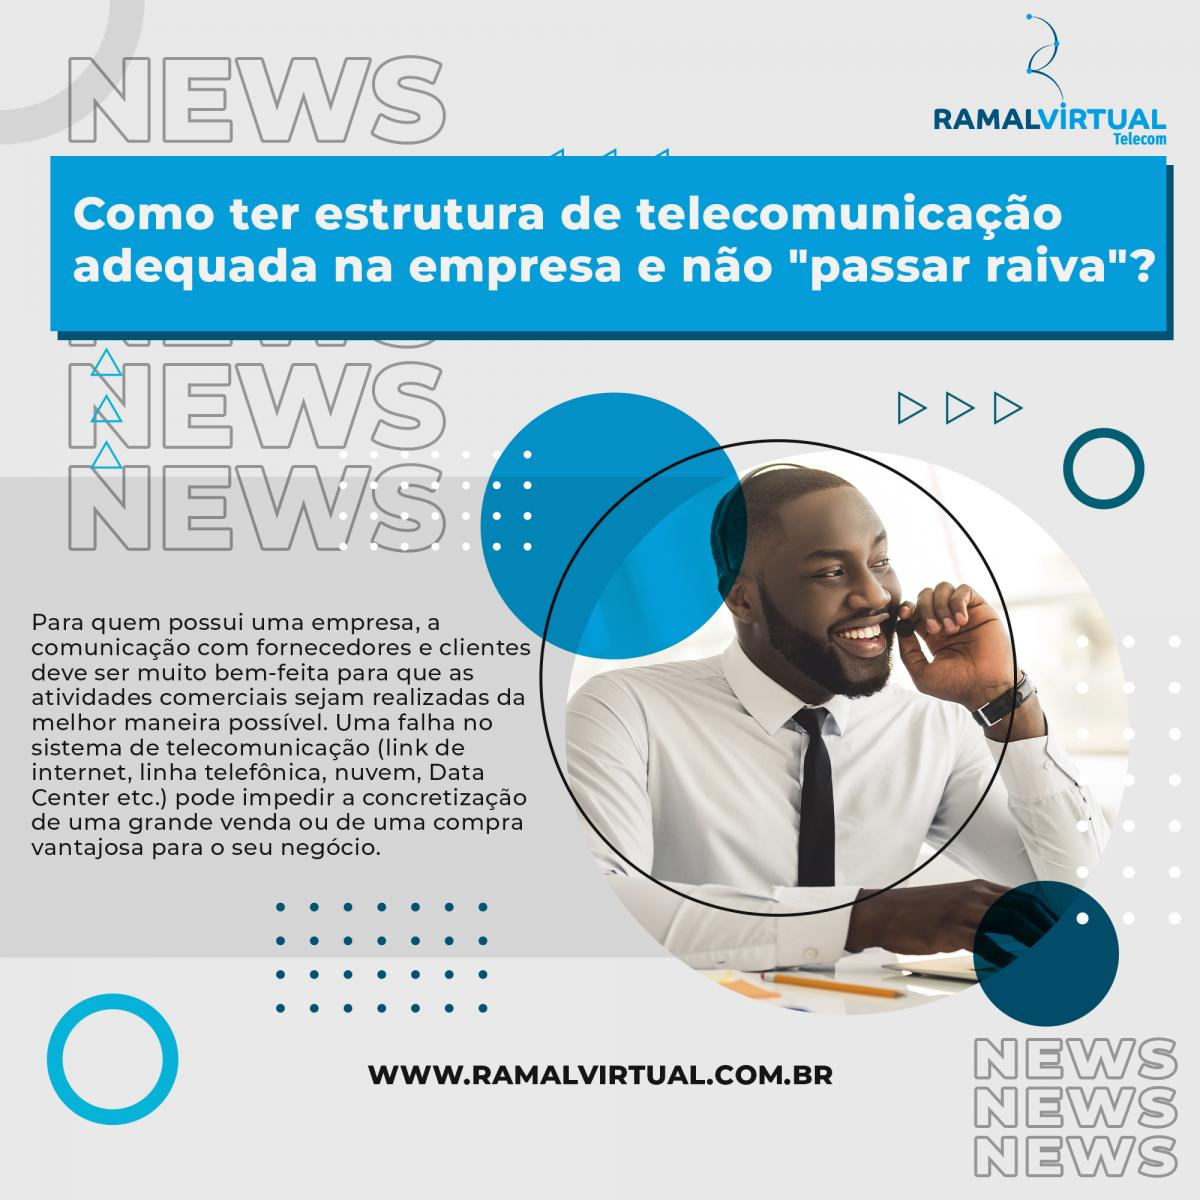 [Como ter estrutura de telecomunicação adequada na empresa e não